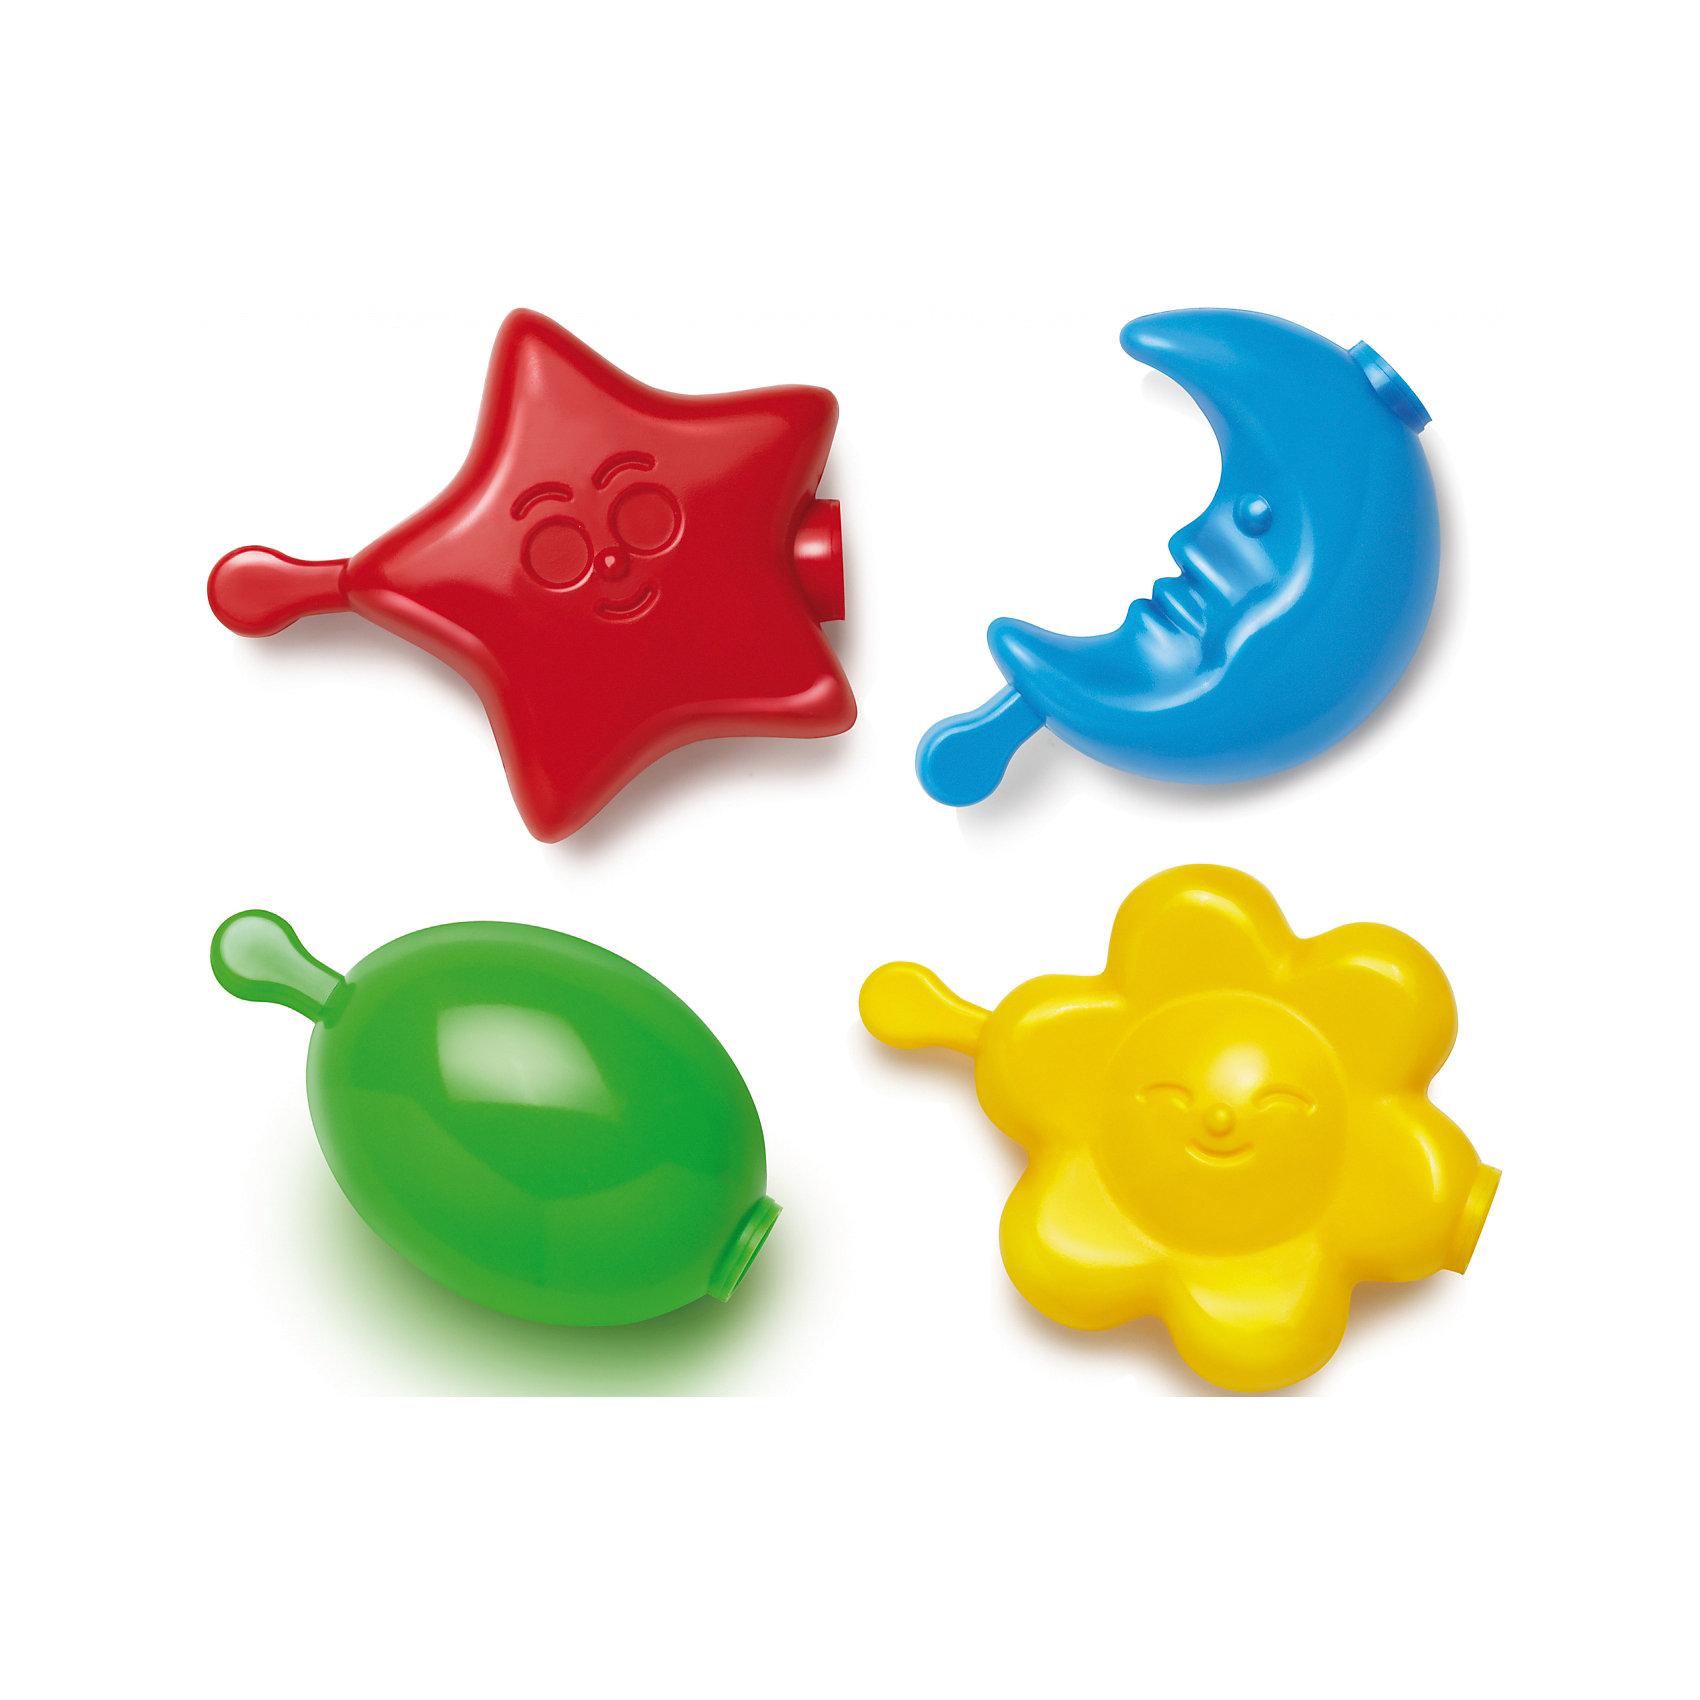 Конструктор Цепочка, 12 деталей, QuercettiПластмассовые конструкторы<br>Конструктор Цепочка, 12 деталей, Quercetti (Кверсетти).<br><br>Характеристики:<br><br>- В наборе 12 разноцветных деталей: 2 звездочки (красные), 2 полумесяца (синие), 2 цветочка (желтые) и 6 «бусин» (оранжевые, зеленые и сиреневые)<br>- Материал: высококачественный пластик, окрашенный нетоксичными красками<br>- Упаковка: картонная коробка с ручкой<br>- Размер упаковки: 14 х 16 х 9 см.<br>- Вес: 200 гр.<br><br>Конструктор Цепочка от Quercetti (Кверсетти) принесет множество позитивный эмоций вашему малышу. Яркие цветные детали различной формы привлекут внимание ребенка, а легкий вес позволит играть с ними очень долго. Во время игры он научится соединять детали, создавая цепочку, сортировать предметы по цвету и форме, чередовать детали, соблюдая определенную закономерность. Детали легко соединяются друг с другом, так как на каждой детали есть выступ и выемка, в которую можно вставить выступ другой детали. Для знакомства с конструктором соберите вместе с ребенком цепочки из звездочек, из цветочков или желтую и красную цепочку. Затем попробуйте вместе с малышом собрать цепочку, где детали чередуются или расположены симметрично. Можно собирать цепочки разной длины. Также детали конструктора можно использовать как счетный материал и осваивать понятия «один», «много», «больше», «меньше», «поровну». Постоянно пересчитывайте детали: для начала в пределах пяти, затем десяти, а потом и двенадцати. Конструктор «Цепочка» развивает у ребенка логику, память, усидчивость и мелкую моторику рук, а также помогает научиться считать, изучить сходство и различия предметов, их объем, форму, цвет. Удобные крупные детали изготовлены из приятного на ощупь, мягкого и безопасного пластика, легко моются.<br><br>Конструктор Цепочка, 12 деталей, Quercetti (Кверсетти) можно купить в нашем интернет-магазине.<br><br>Ширина мм: 140<br>Глубина мм: 90<br>Высота мм: 160<br>Вес г: 183<br>Возраст от месяцев: 12<br>Возраст до месяцев: 2